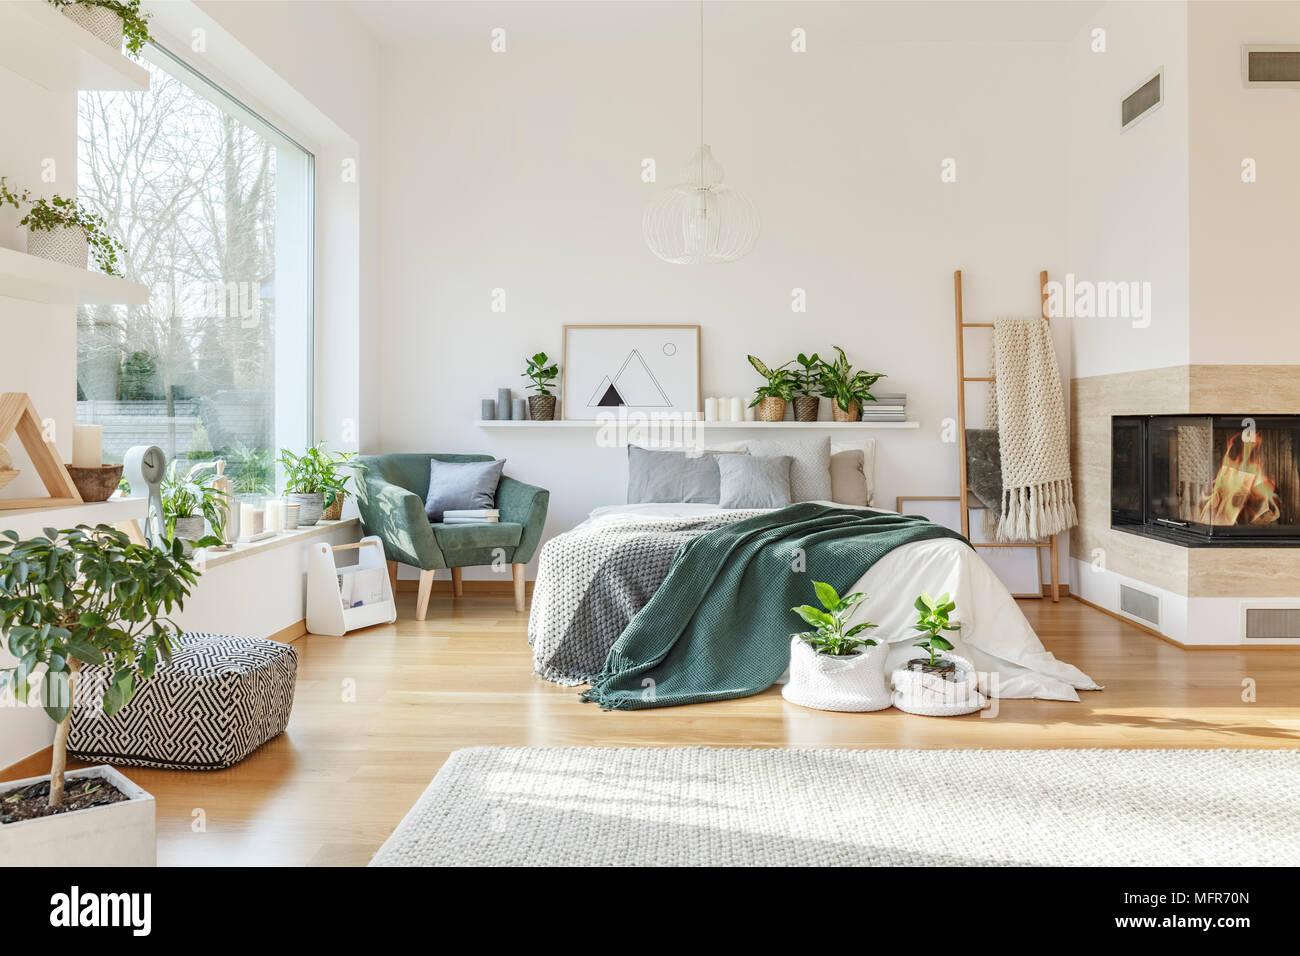 Amüsant Schlafzimmer Teppich Referenz Von Helles Mit King-size-bett, Teppich, Sessel, Kamin, Fenster